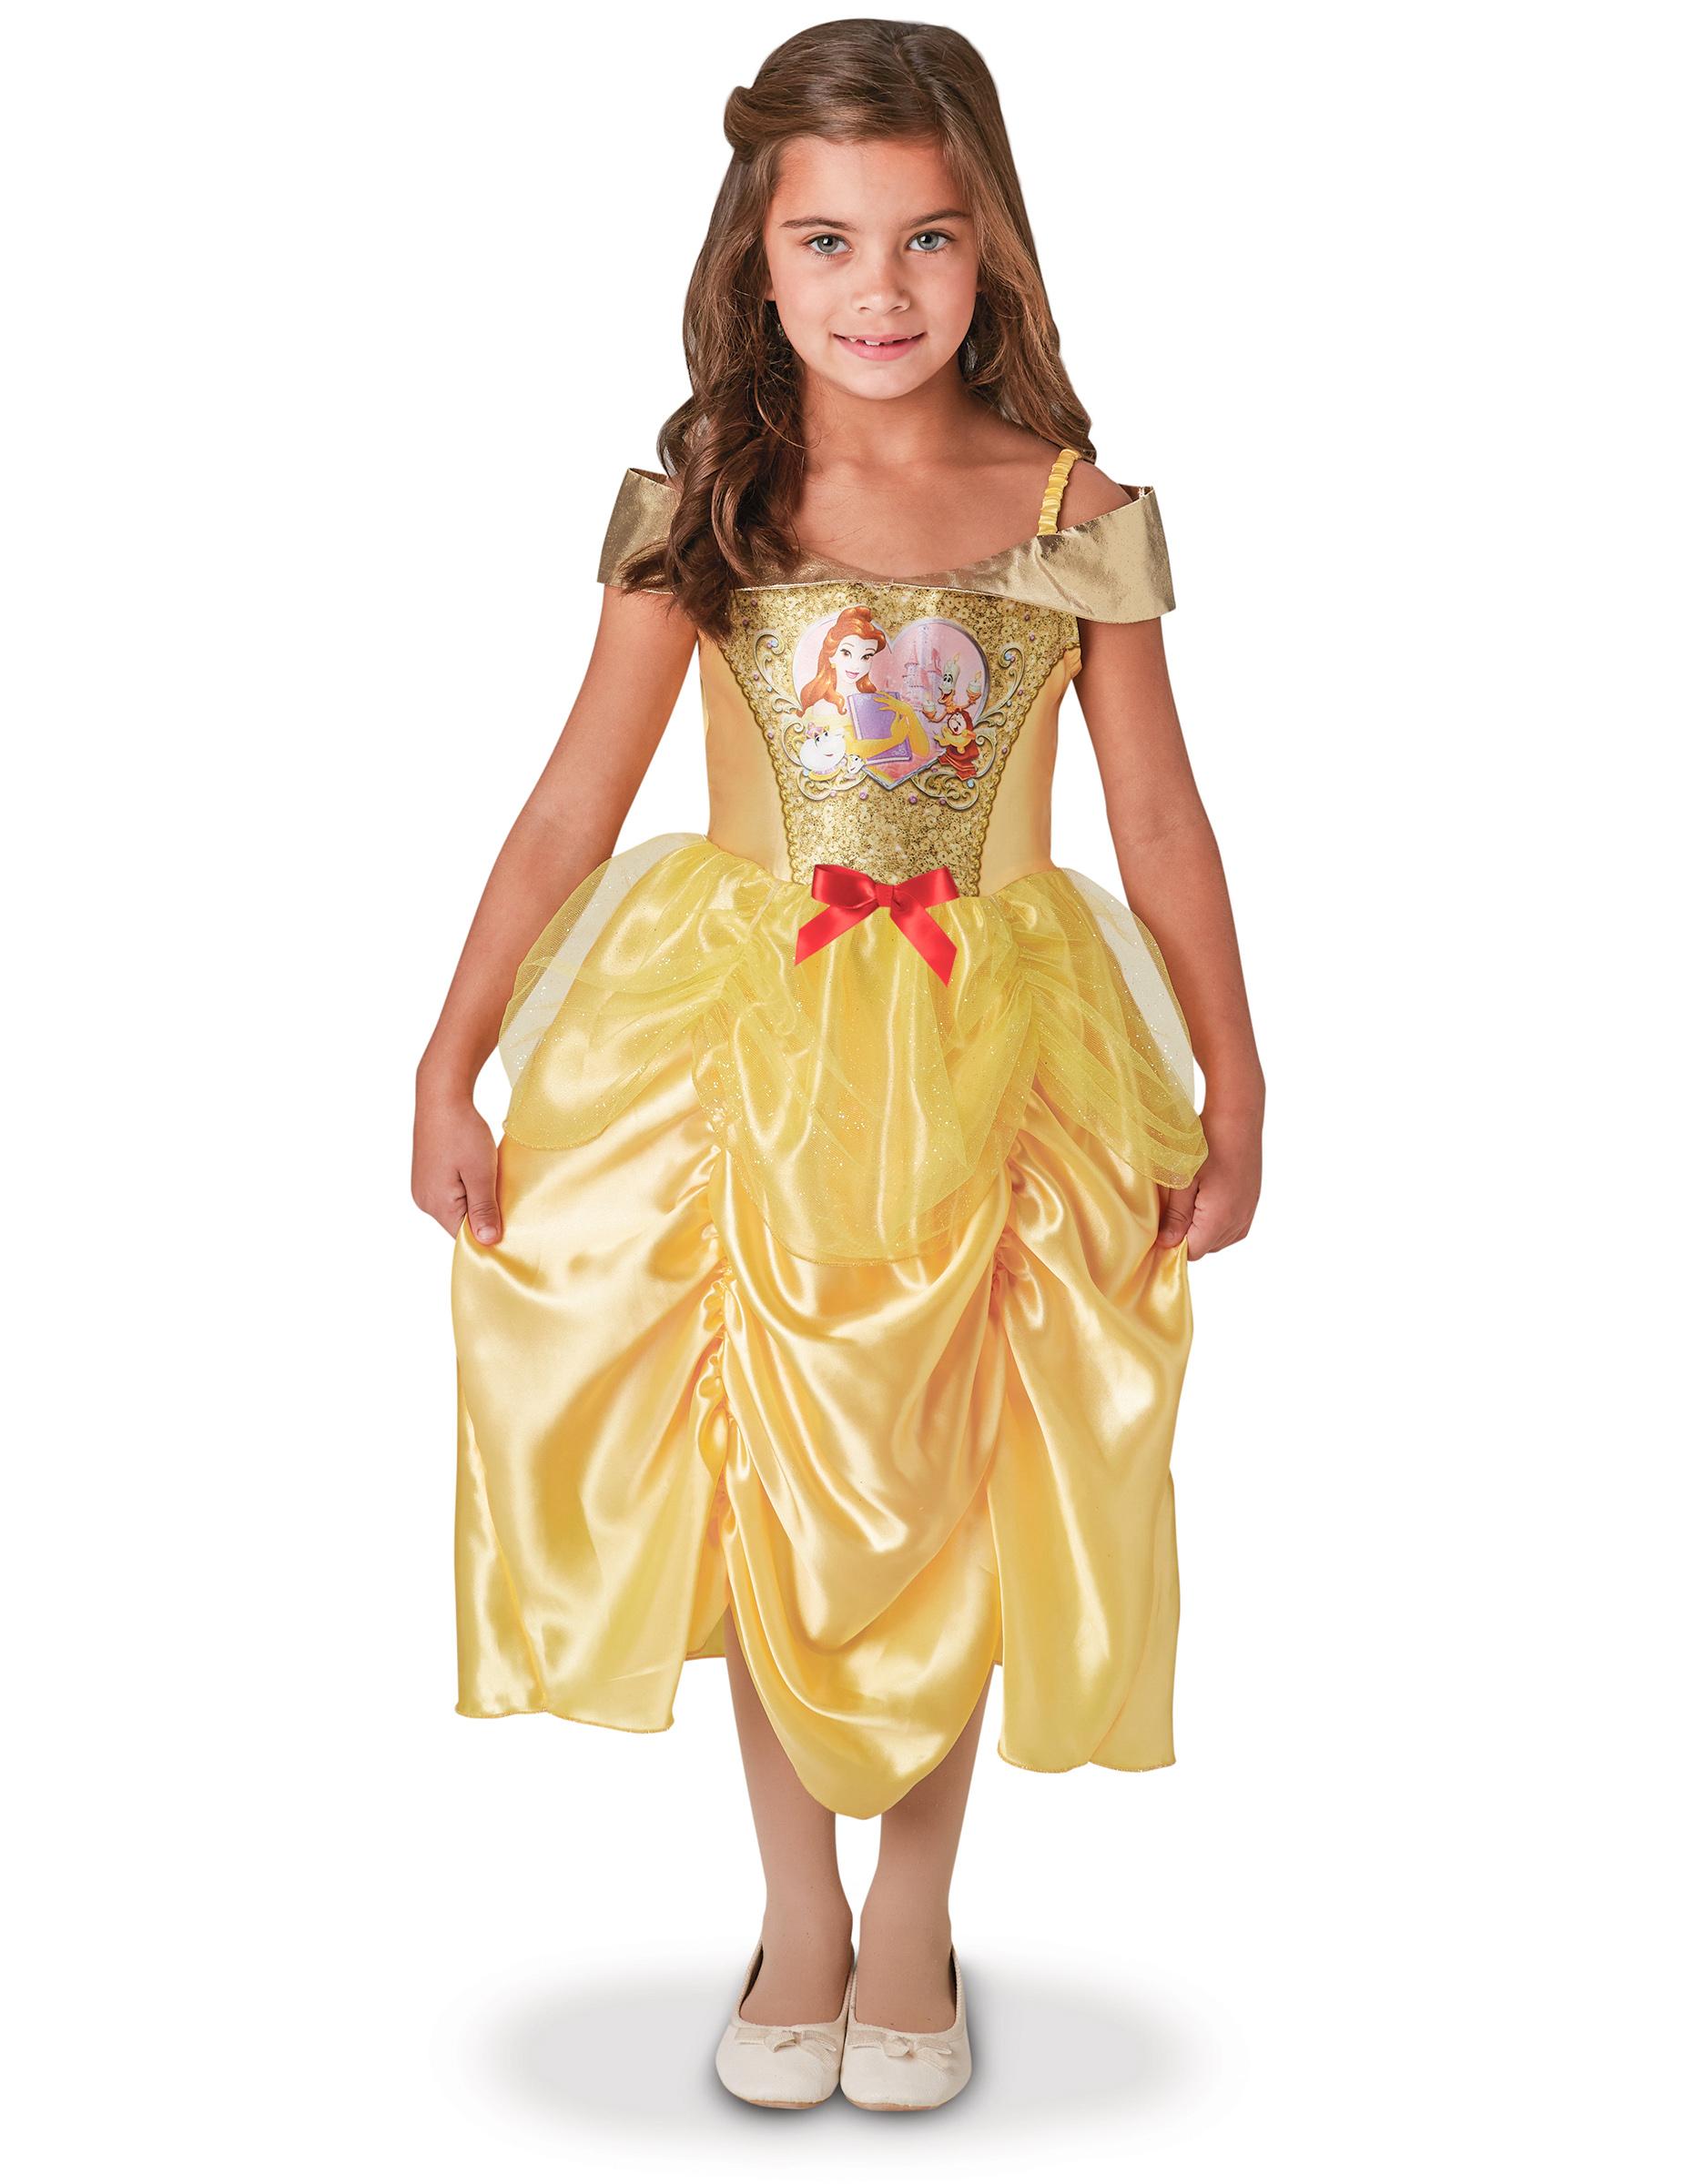 belle costume bambina  Costume Belle™ La bella e la bestia™ per bambina: Costumi bambini,e ...